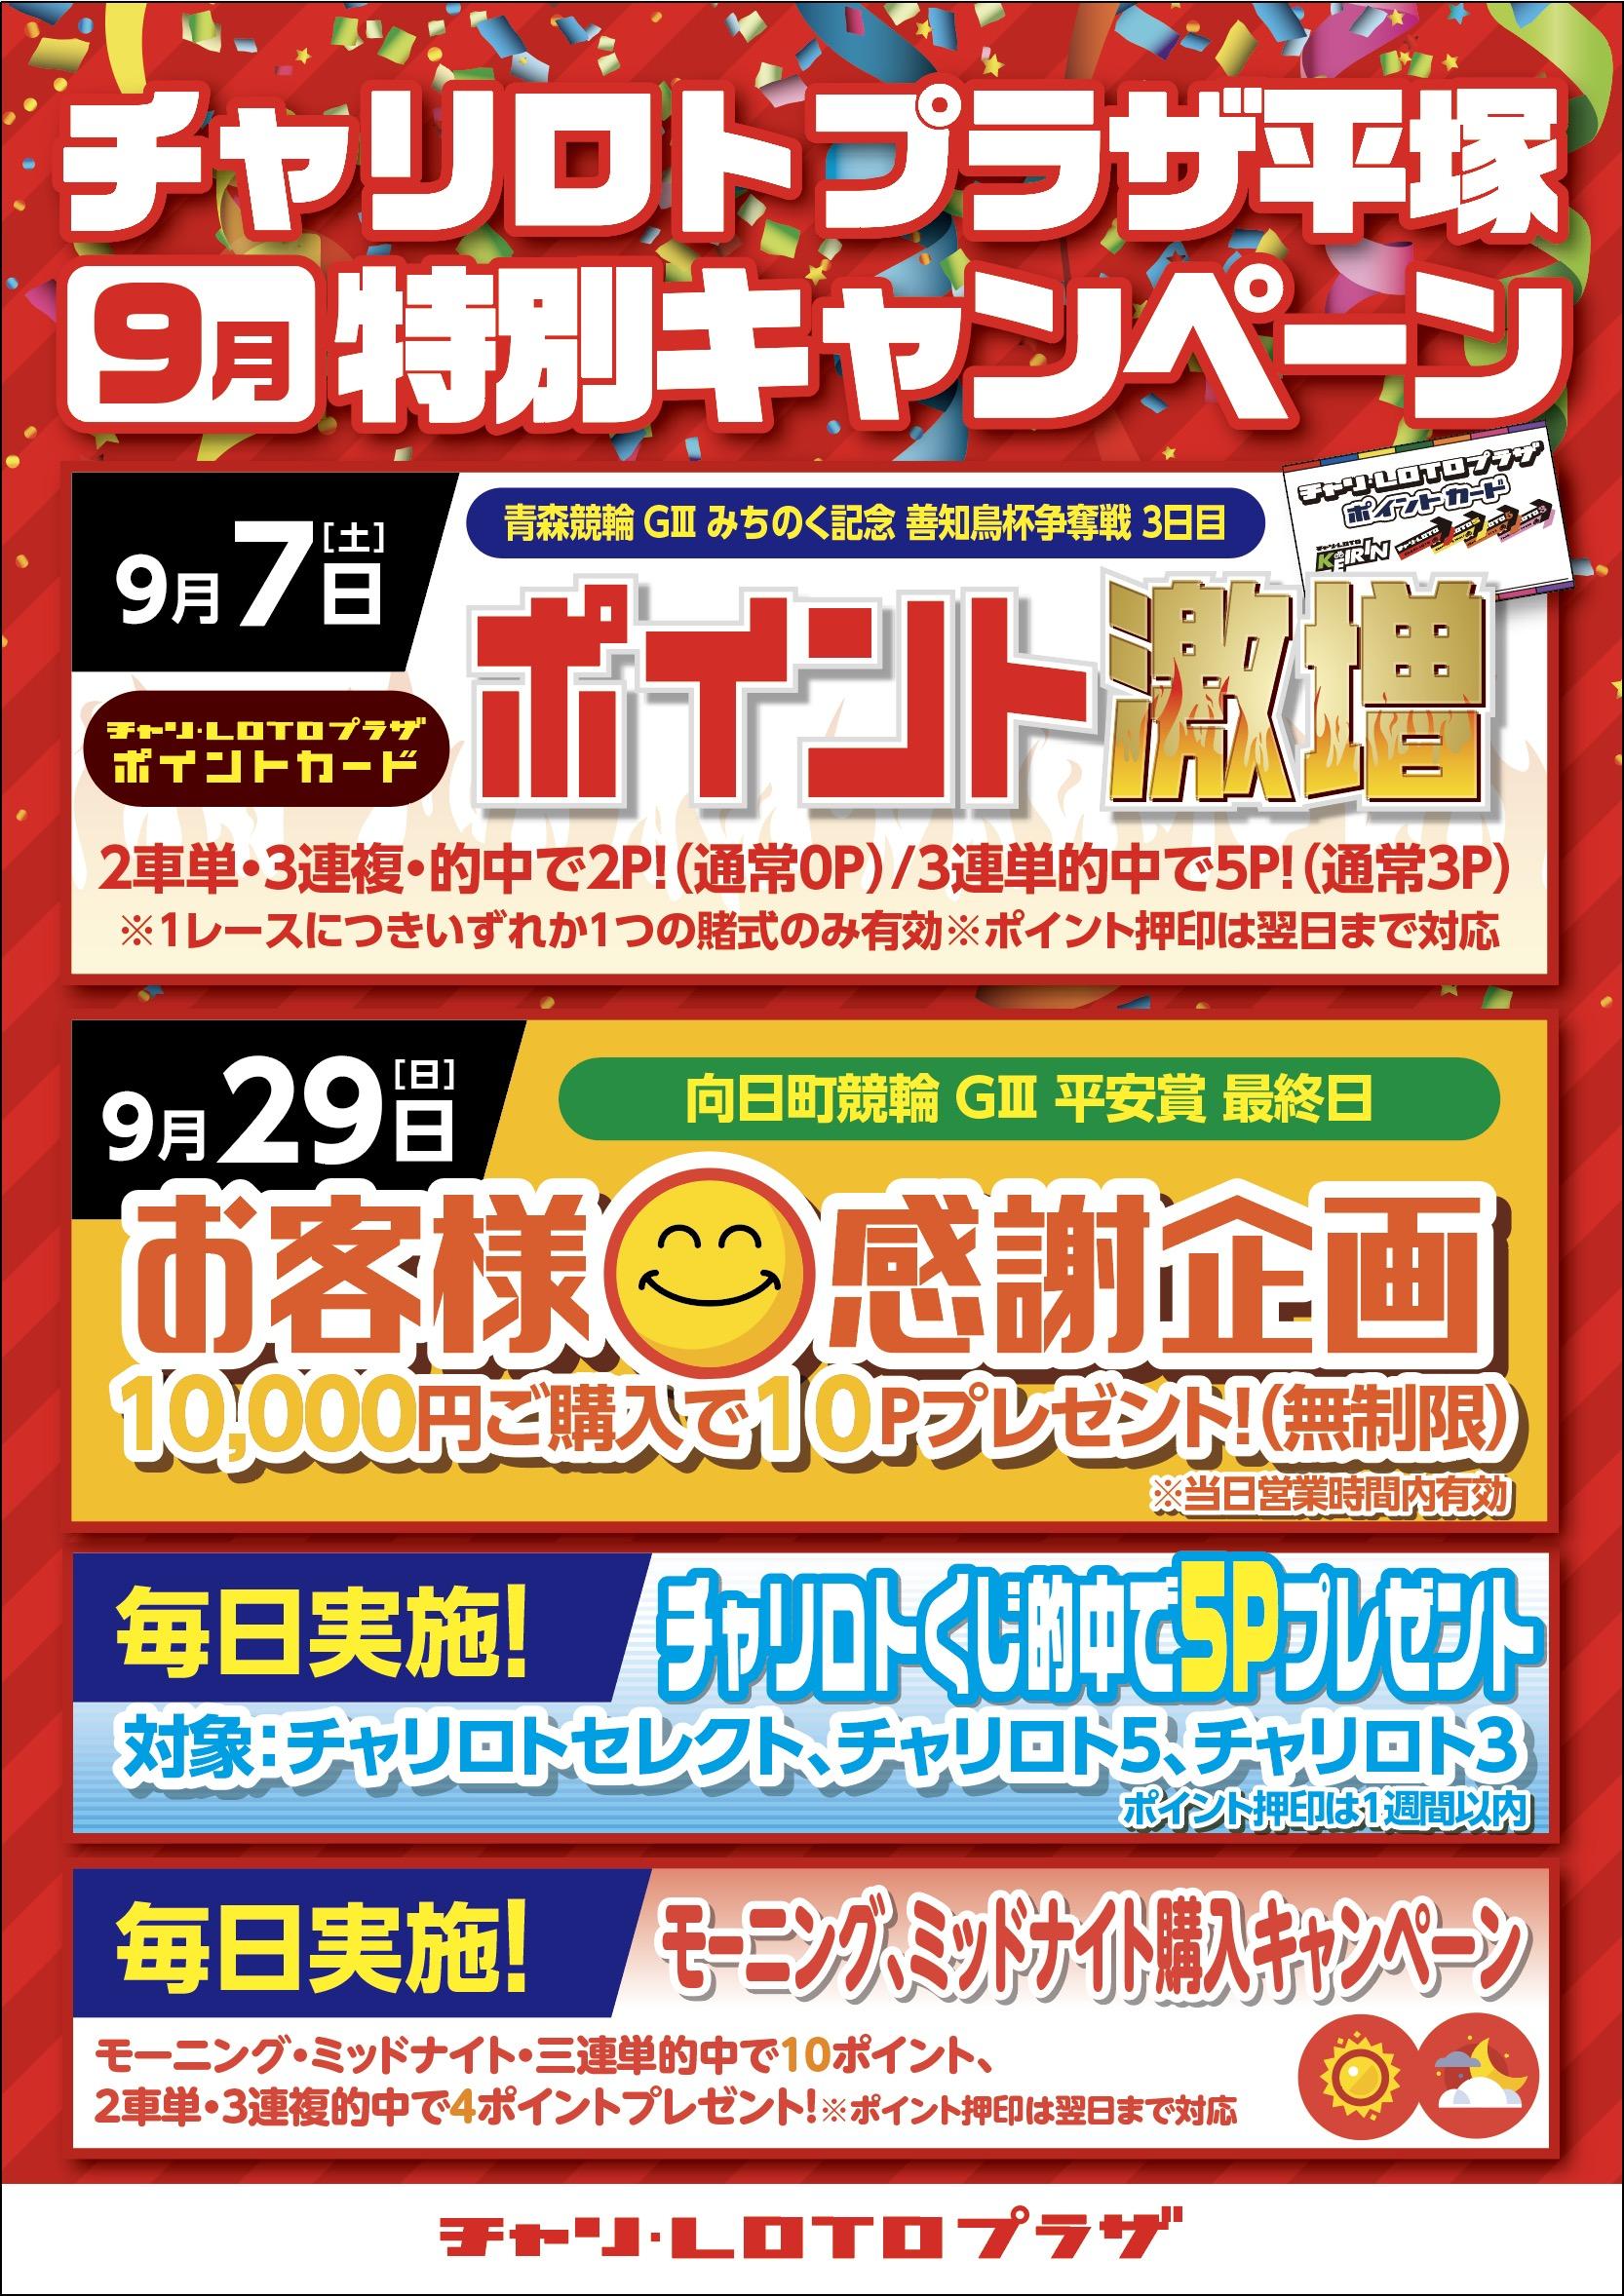 【平塚】モーニング・ミッドナイト月間特別CP(9月)